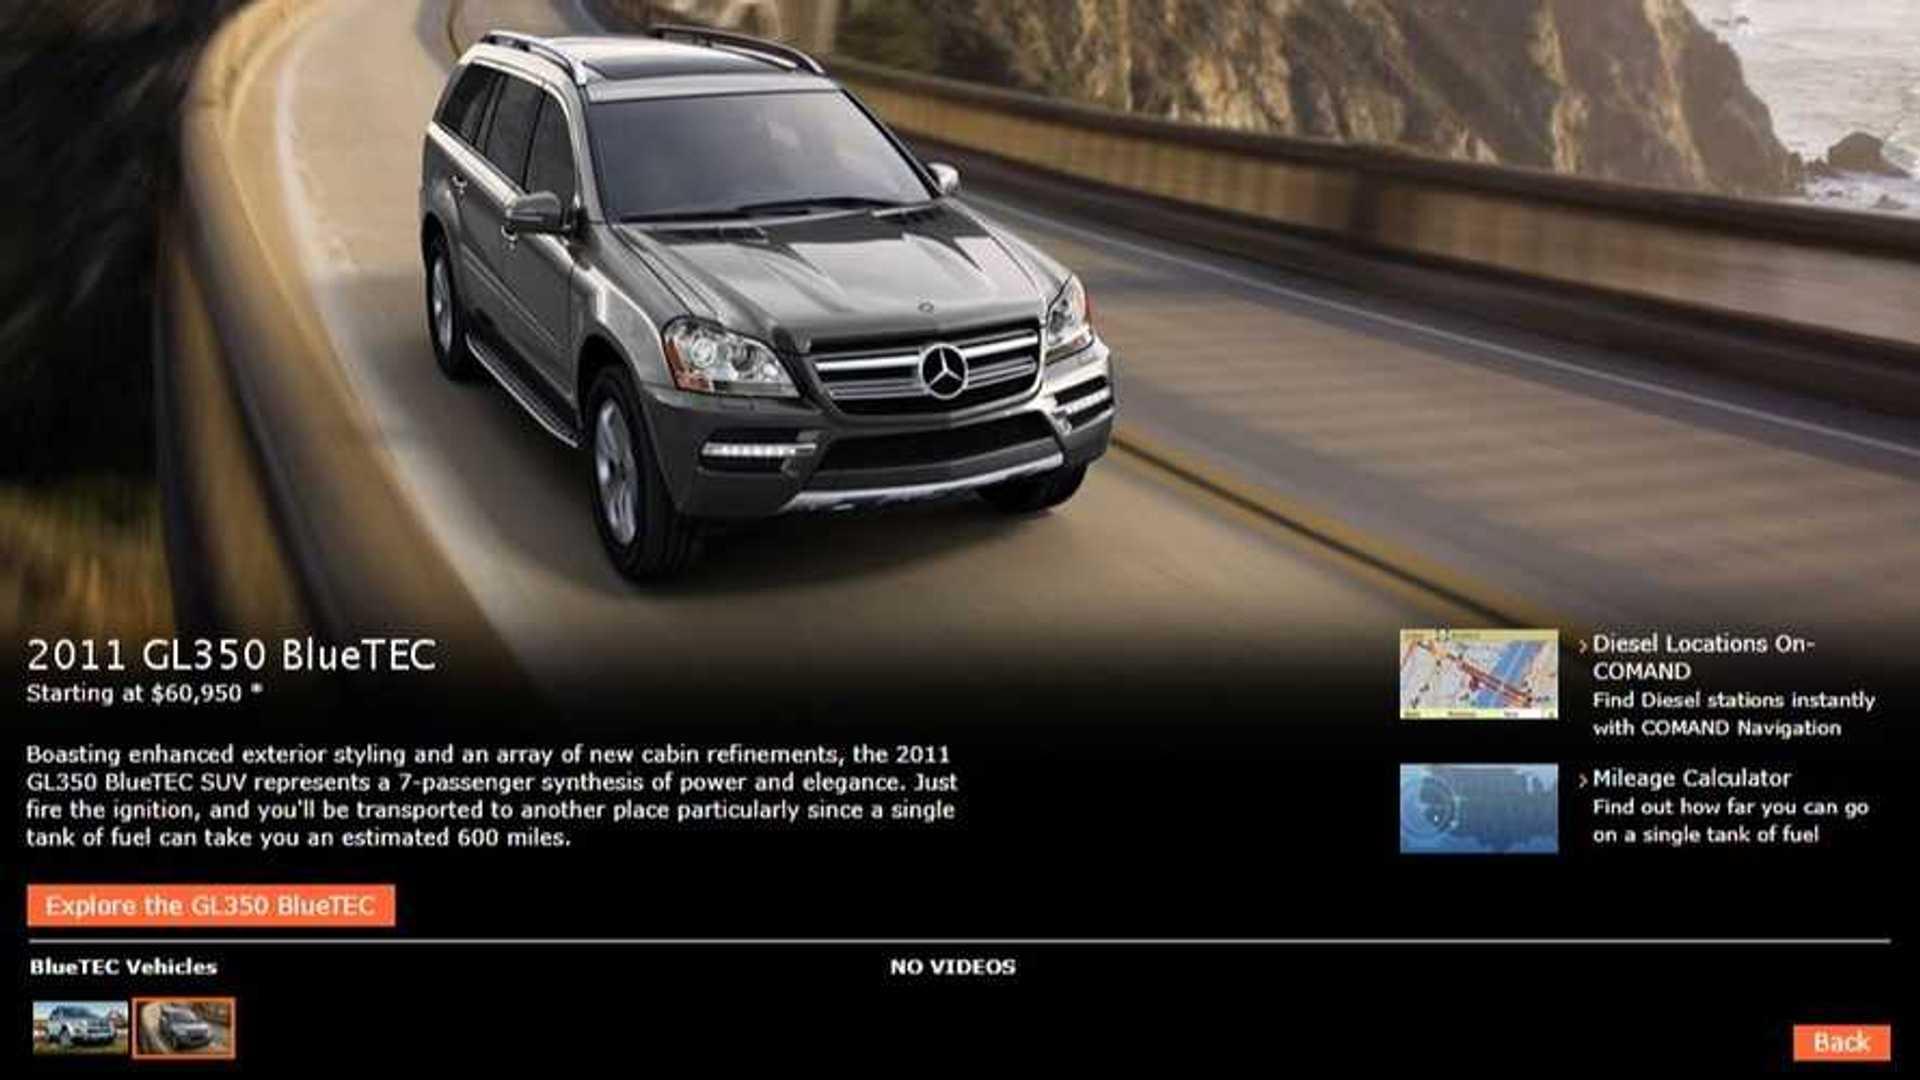 Дизели Mercedes ML, GL, R-класса 2011 года все еще рекламируются на сайте в США, что-то вроде